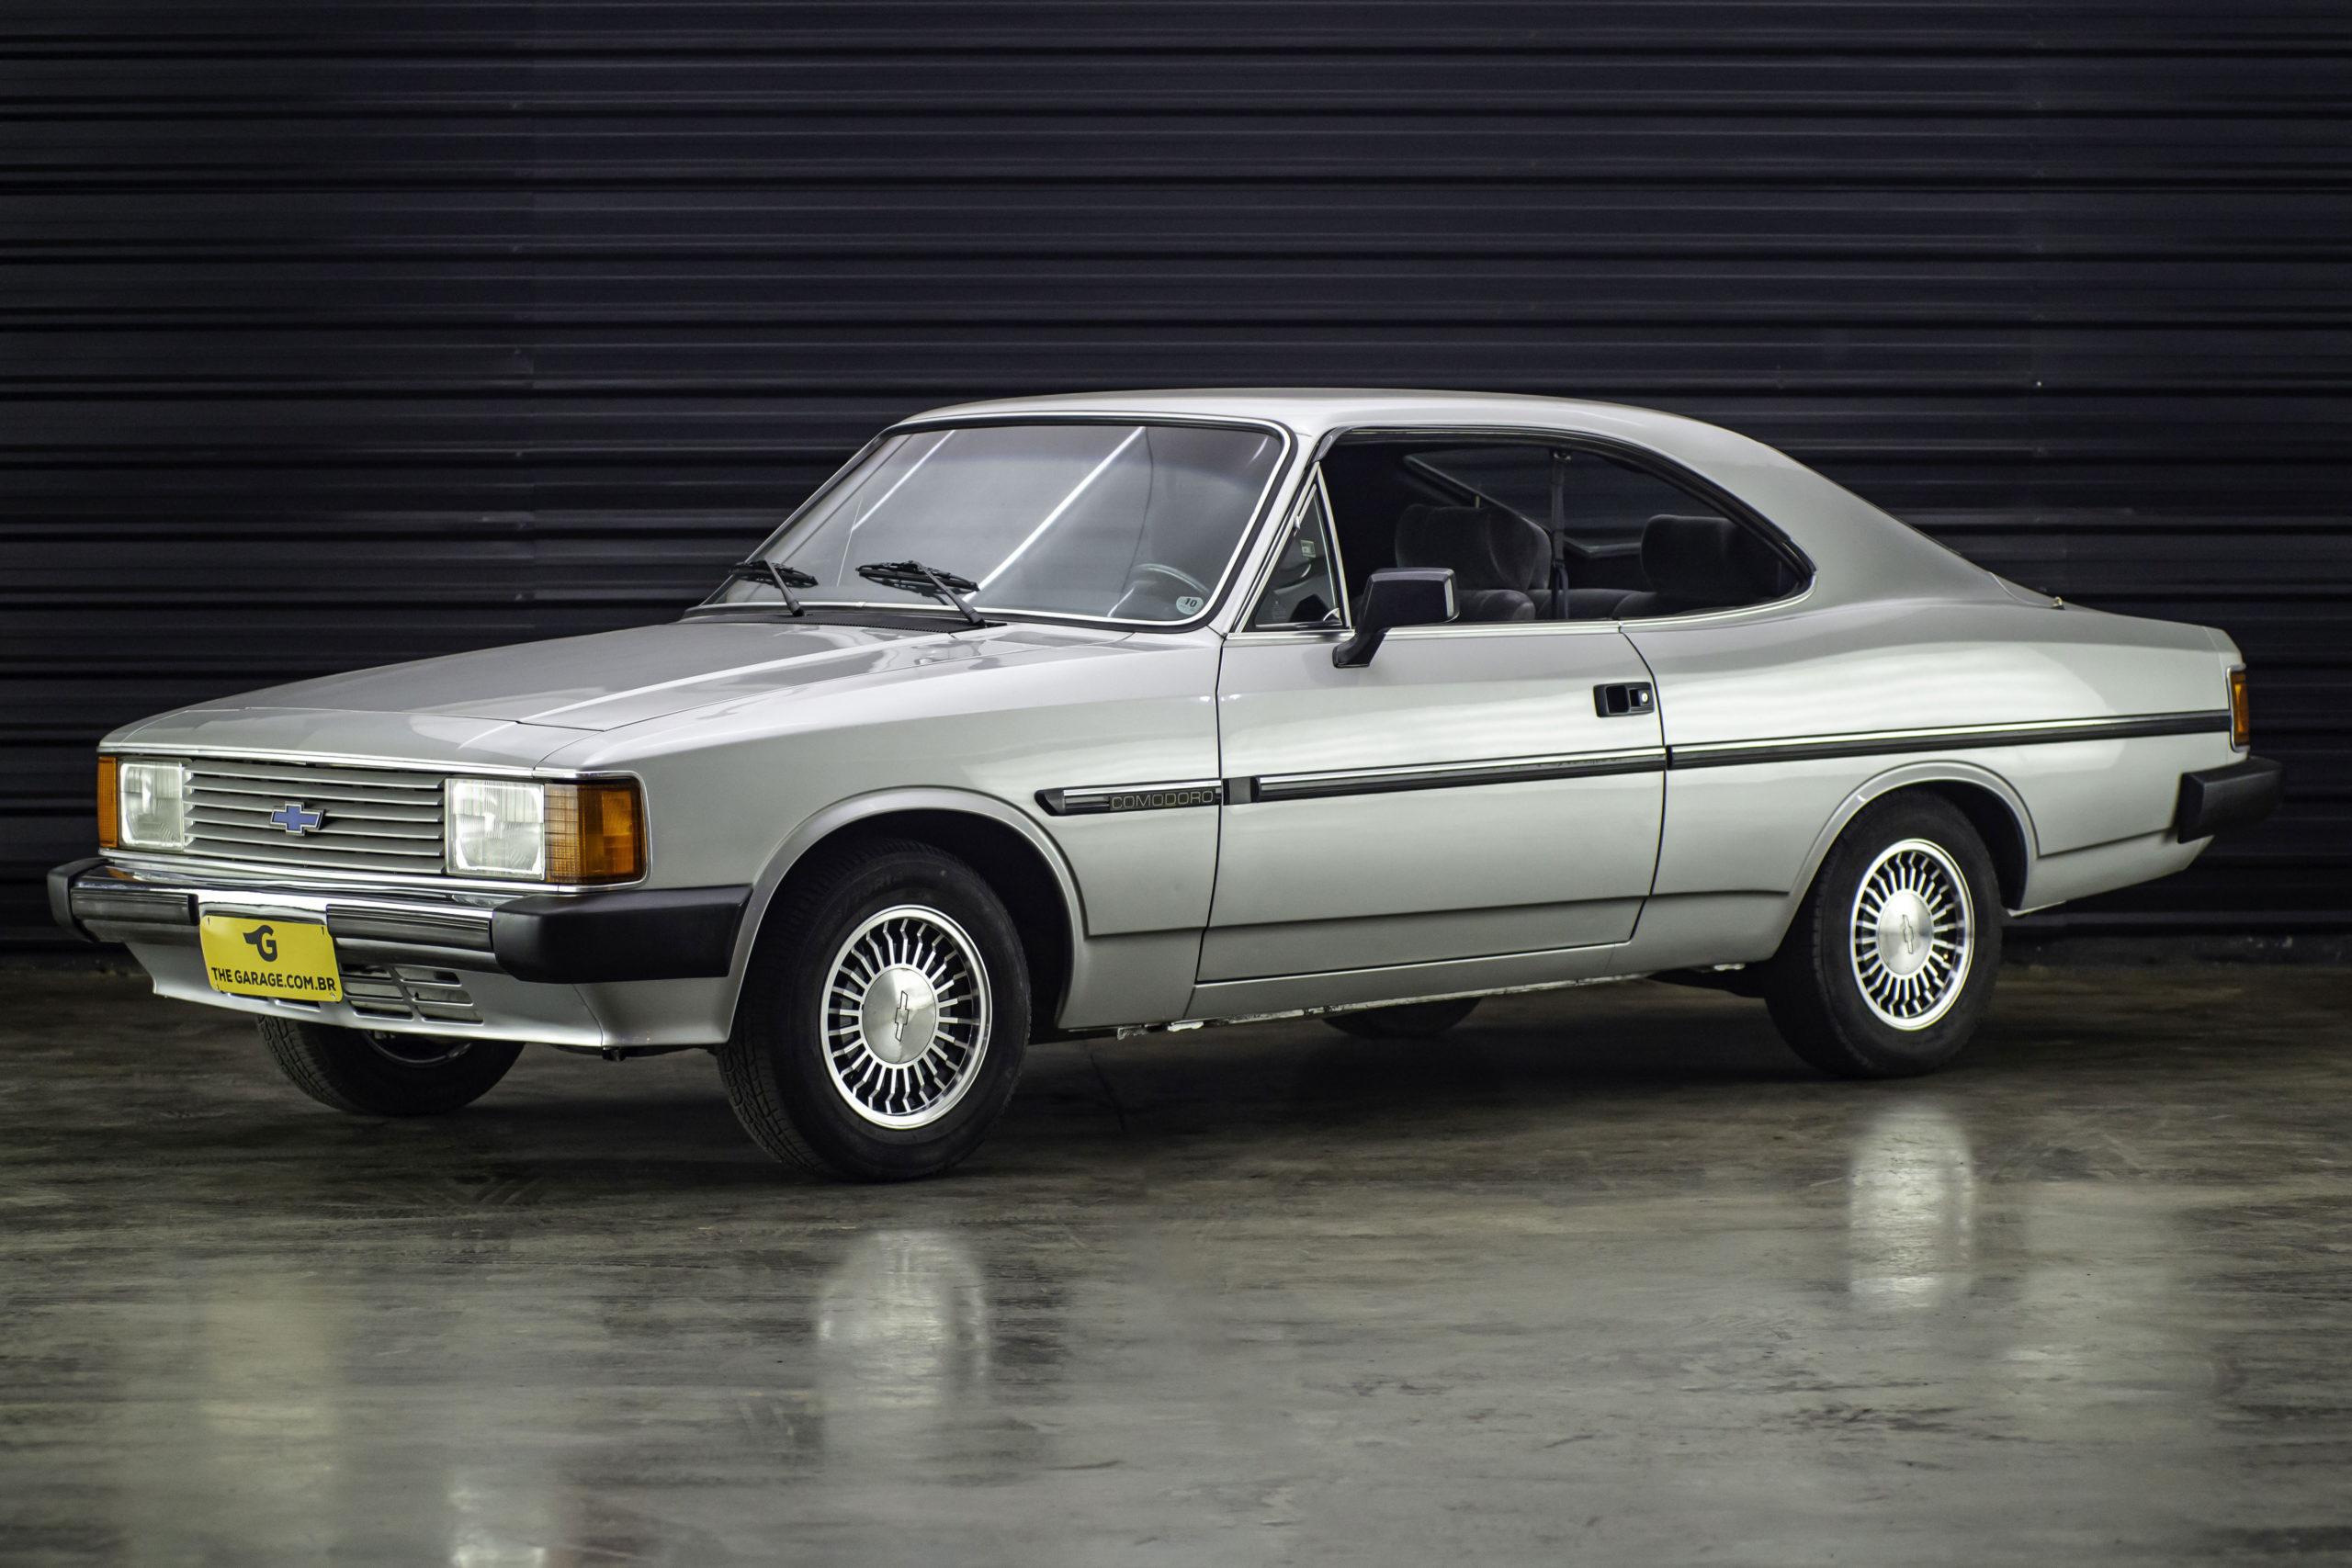 1986-opala-comodoro-prata-a-venda-sao-paulo-sp-for-sale-the-garage-classicos-a-venda-loja-de-carros-antigos-2